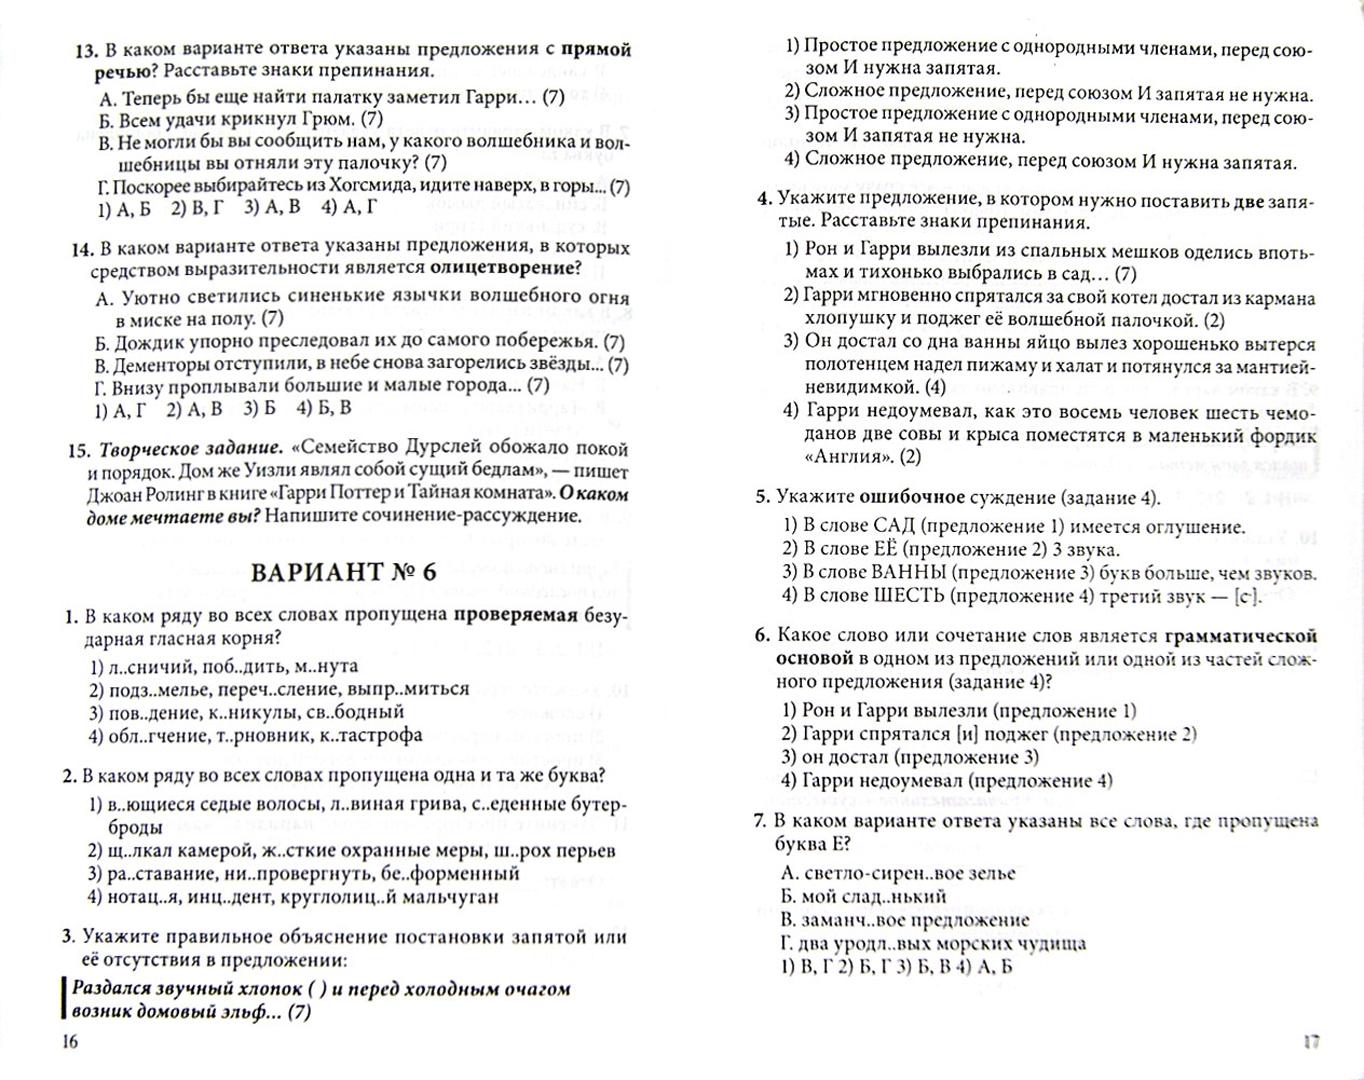 Иллюстрация 1 из 10 для Русский язык. 5 класс. Тестовые задания. Проверь свои знания вместе с любимым героем. ФГОС - Н. Хазиева   Лабиринт - книги. Источник: Лабиринт